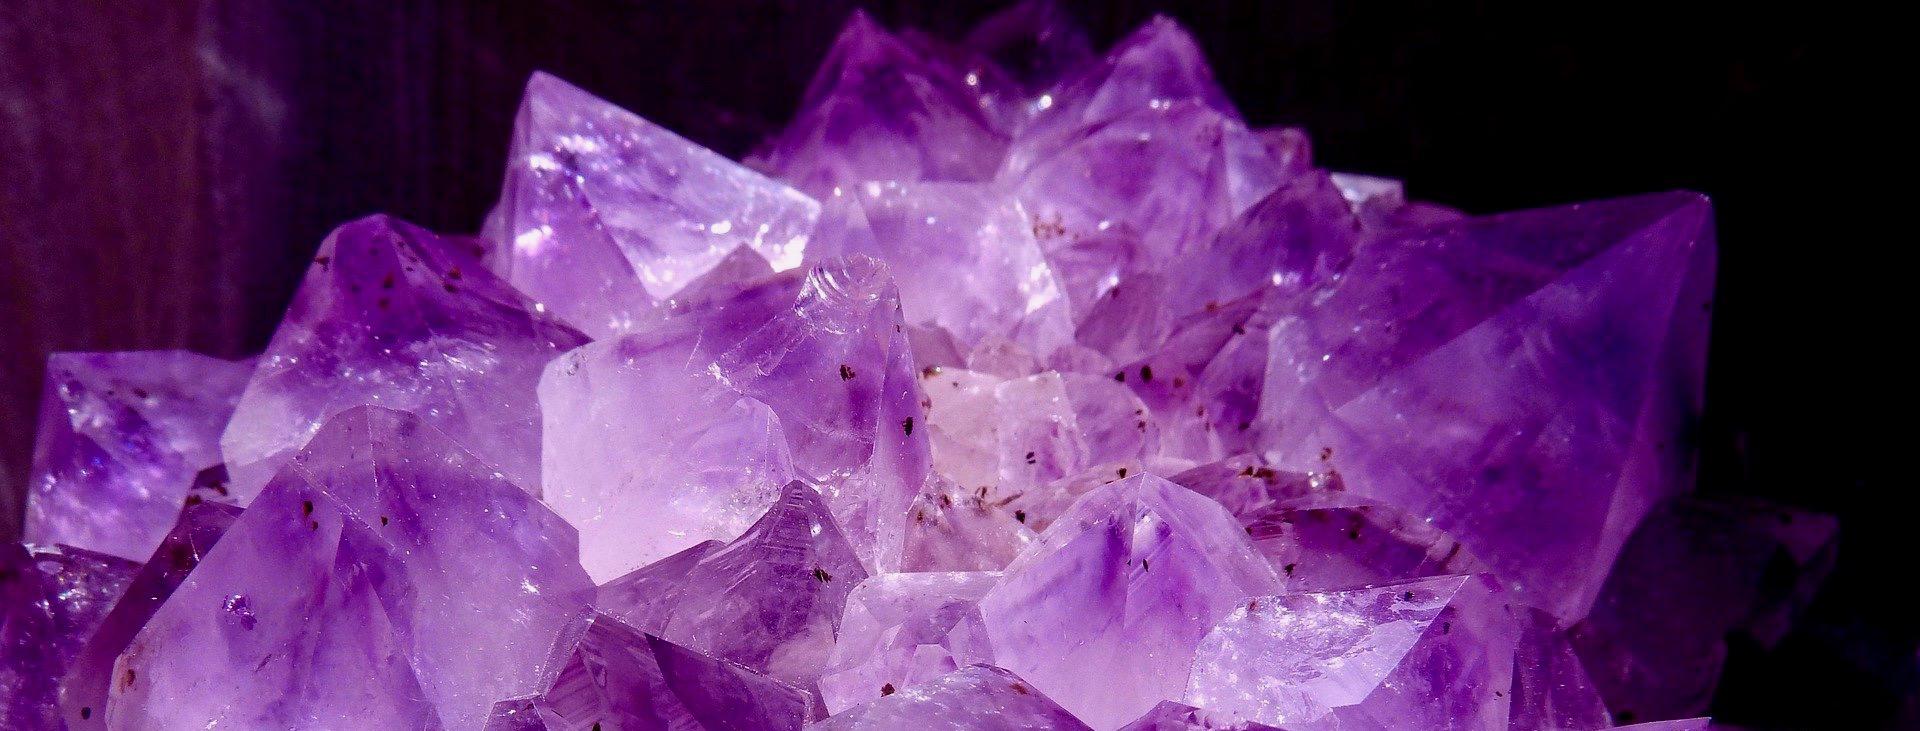 Jak využít drahé kameny na očistu těla a mysli?